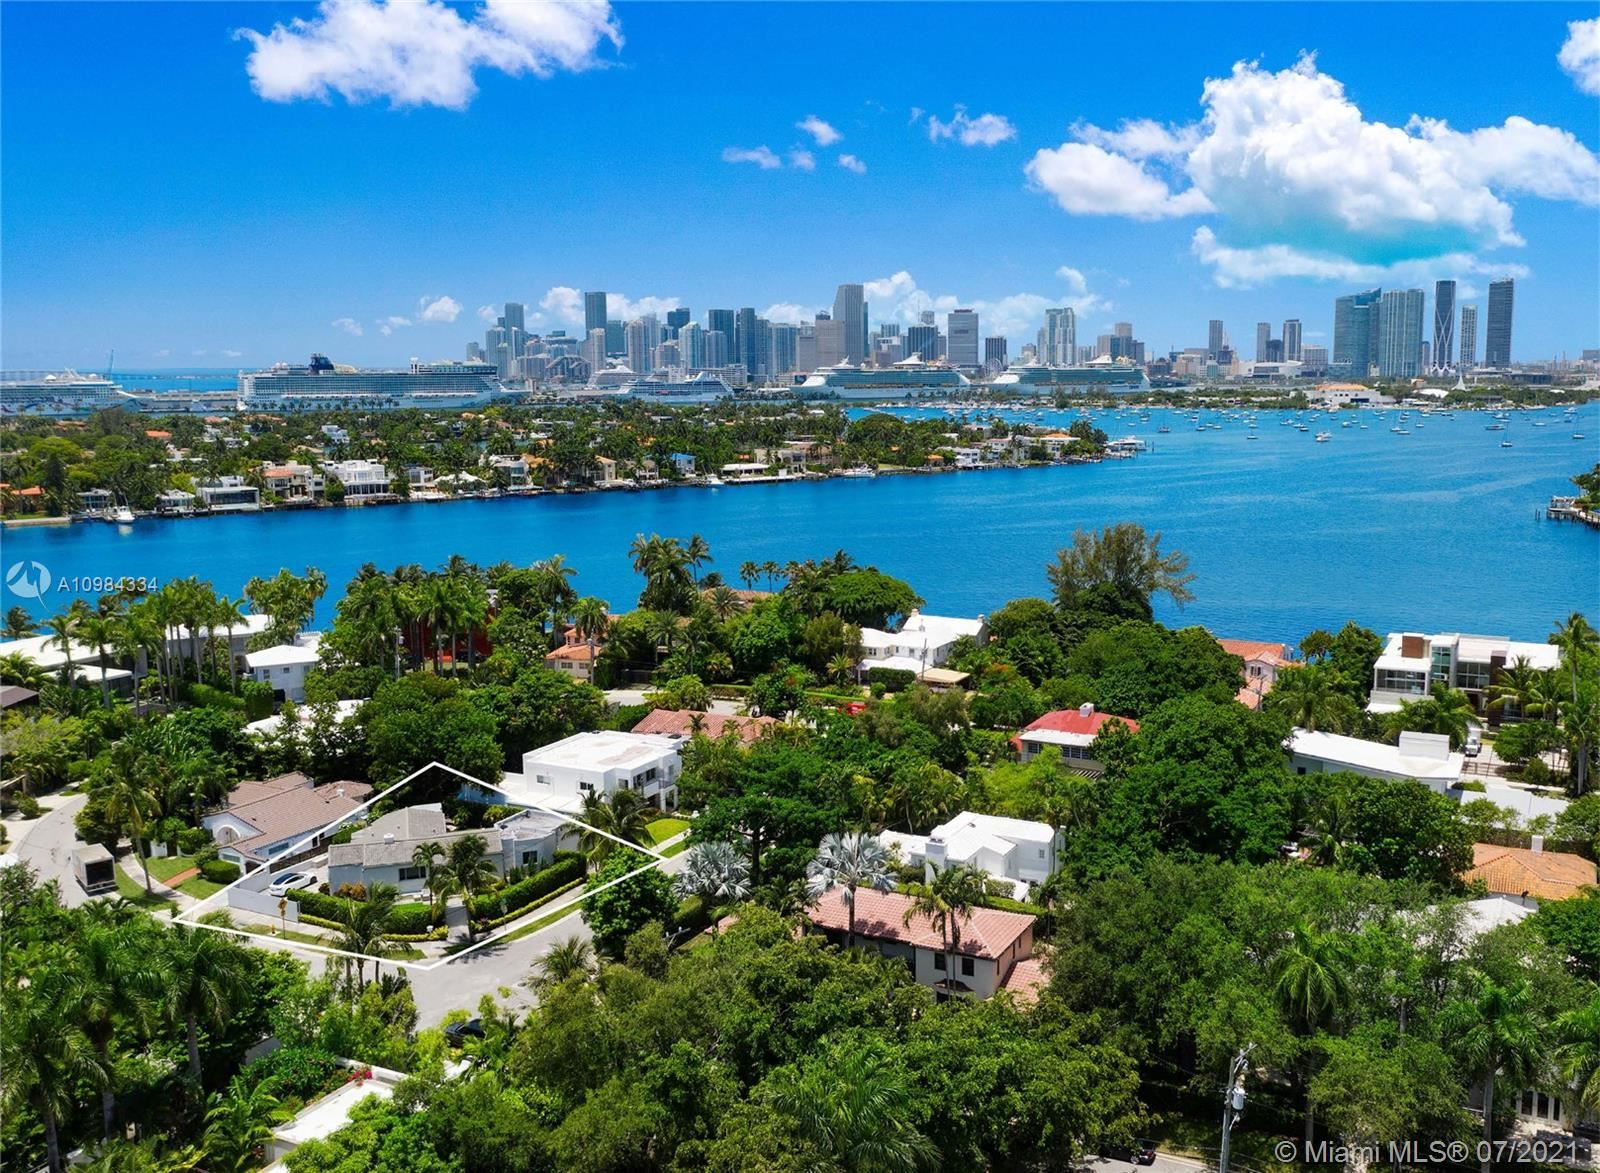 50 E Dilido Dr, Miami Beach, FL 33139 - #: A10984334